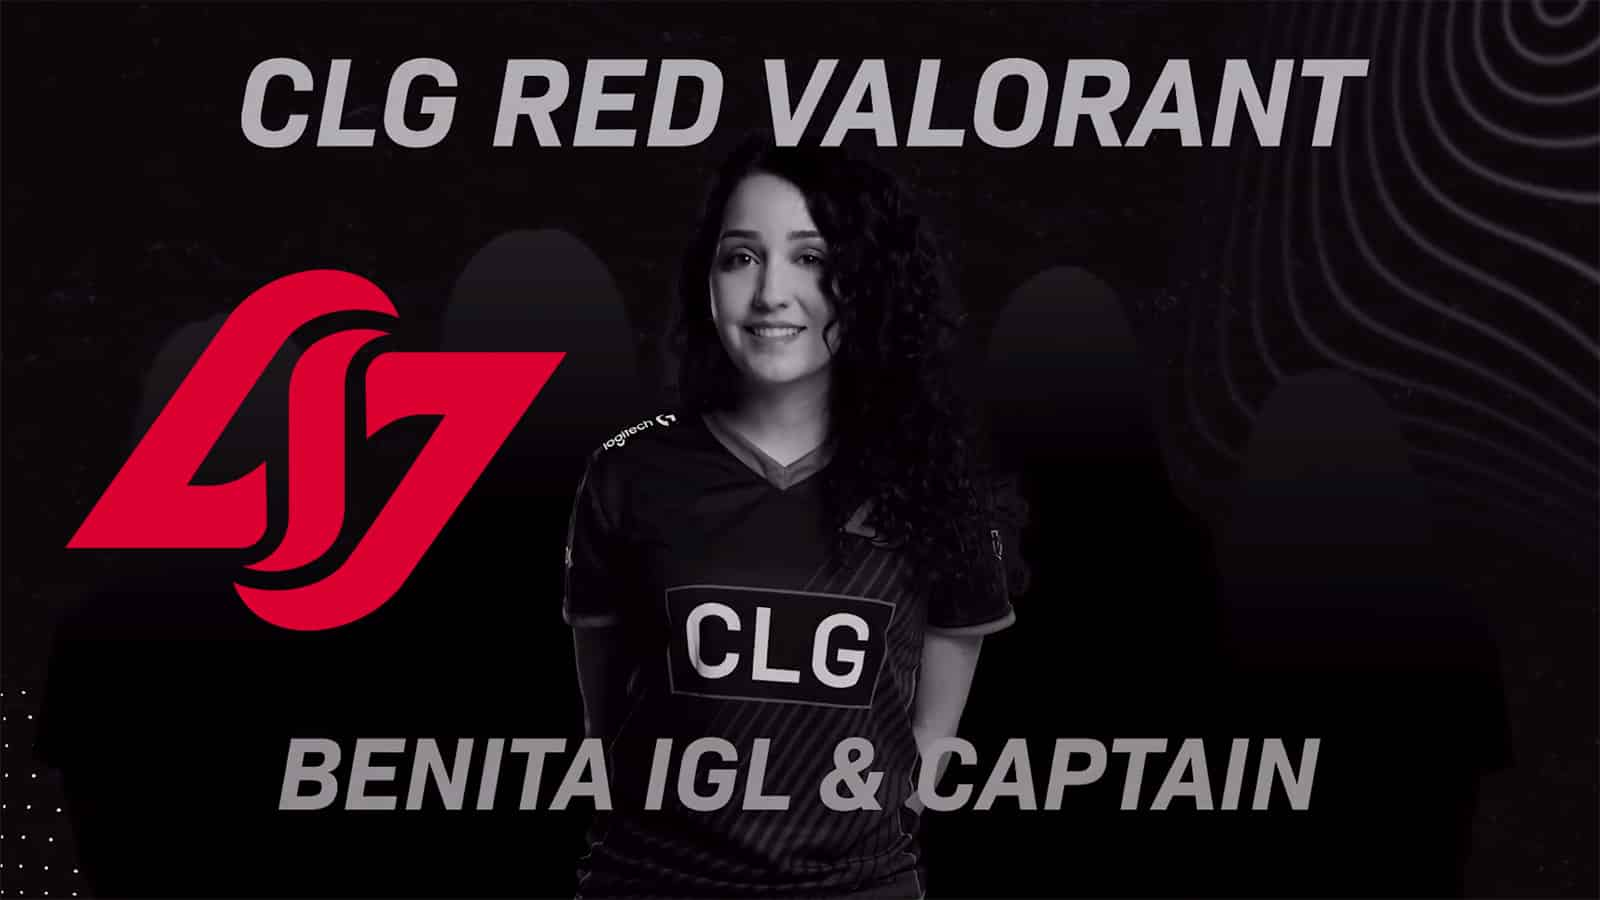 CLG Red Valorant